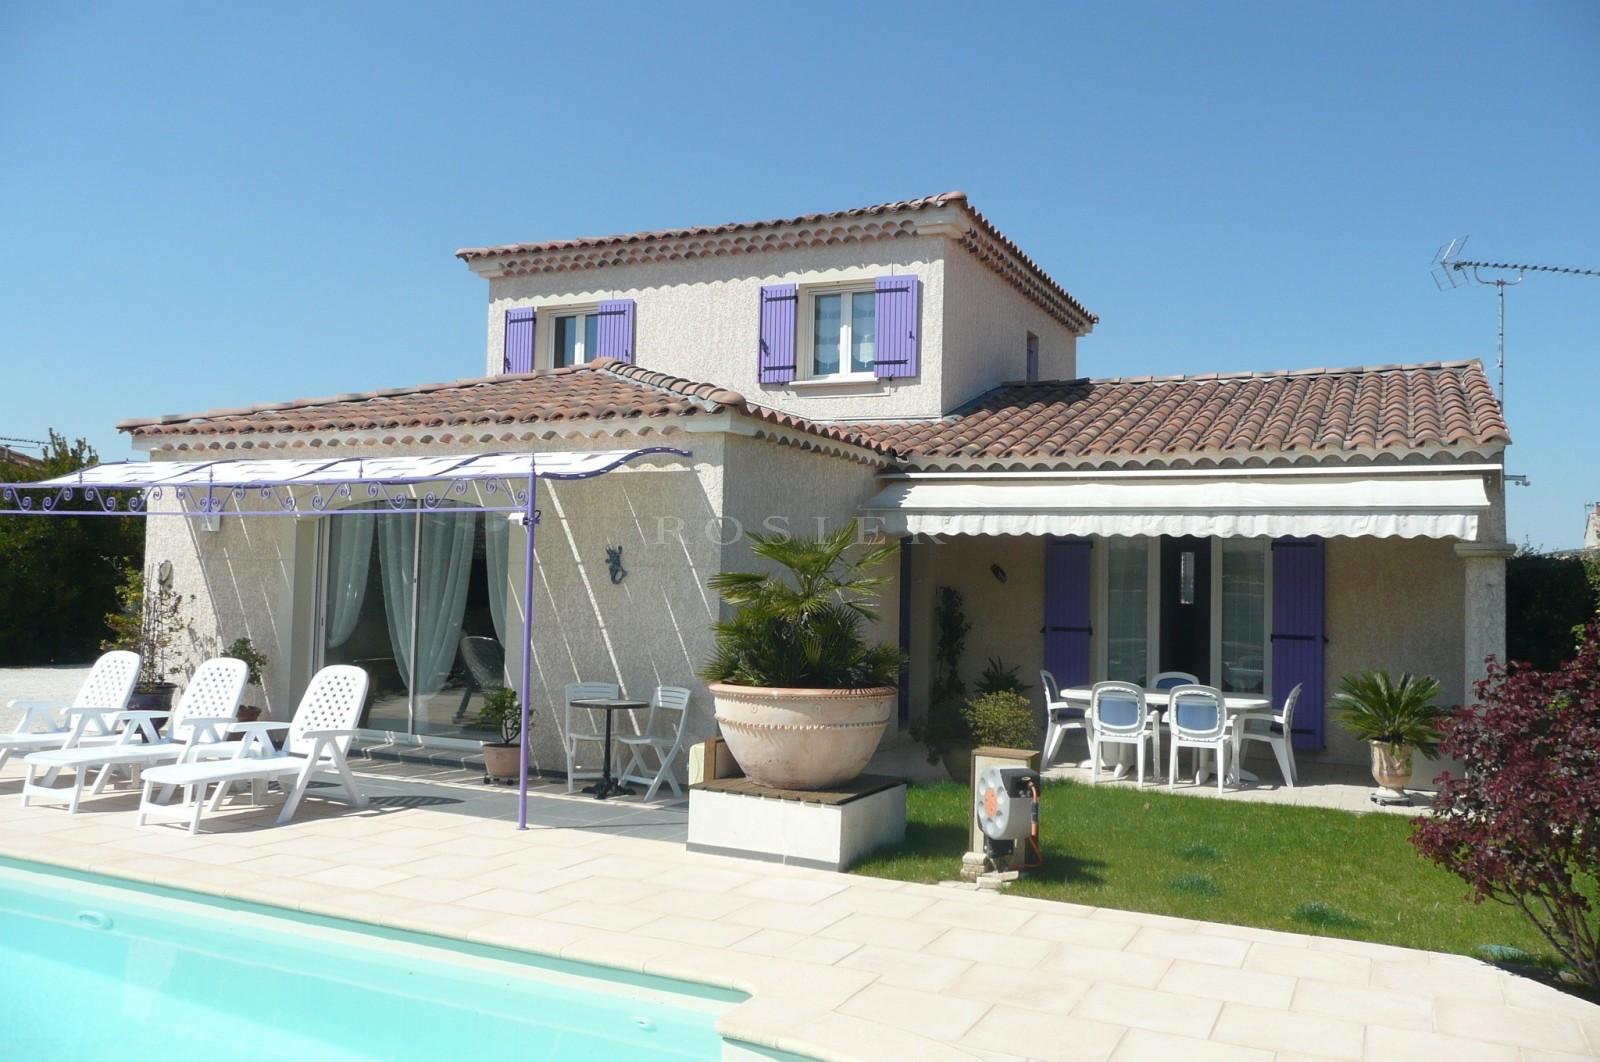 Ventes isle sur la sorgue belle villa contemporaine dans petit lotissement - Image de belle villa ...